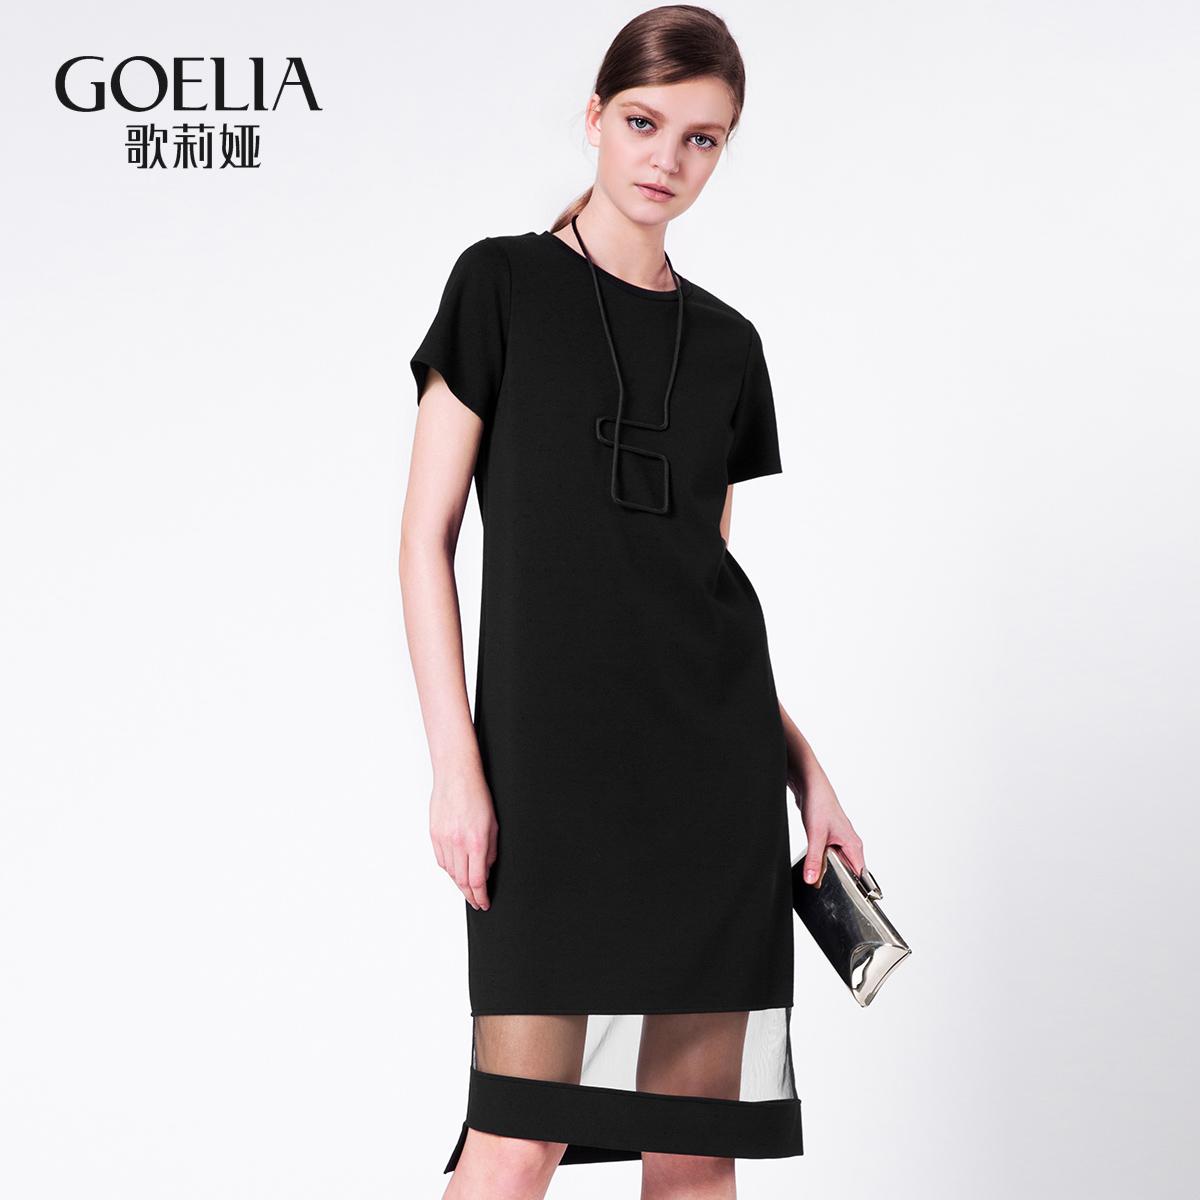 歌莉娅女装 GLORIA歌莉娅网纱拼接长裙纯色不规则连衣裙166E4E040_推荐淘宝好看的歌莉娅